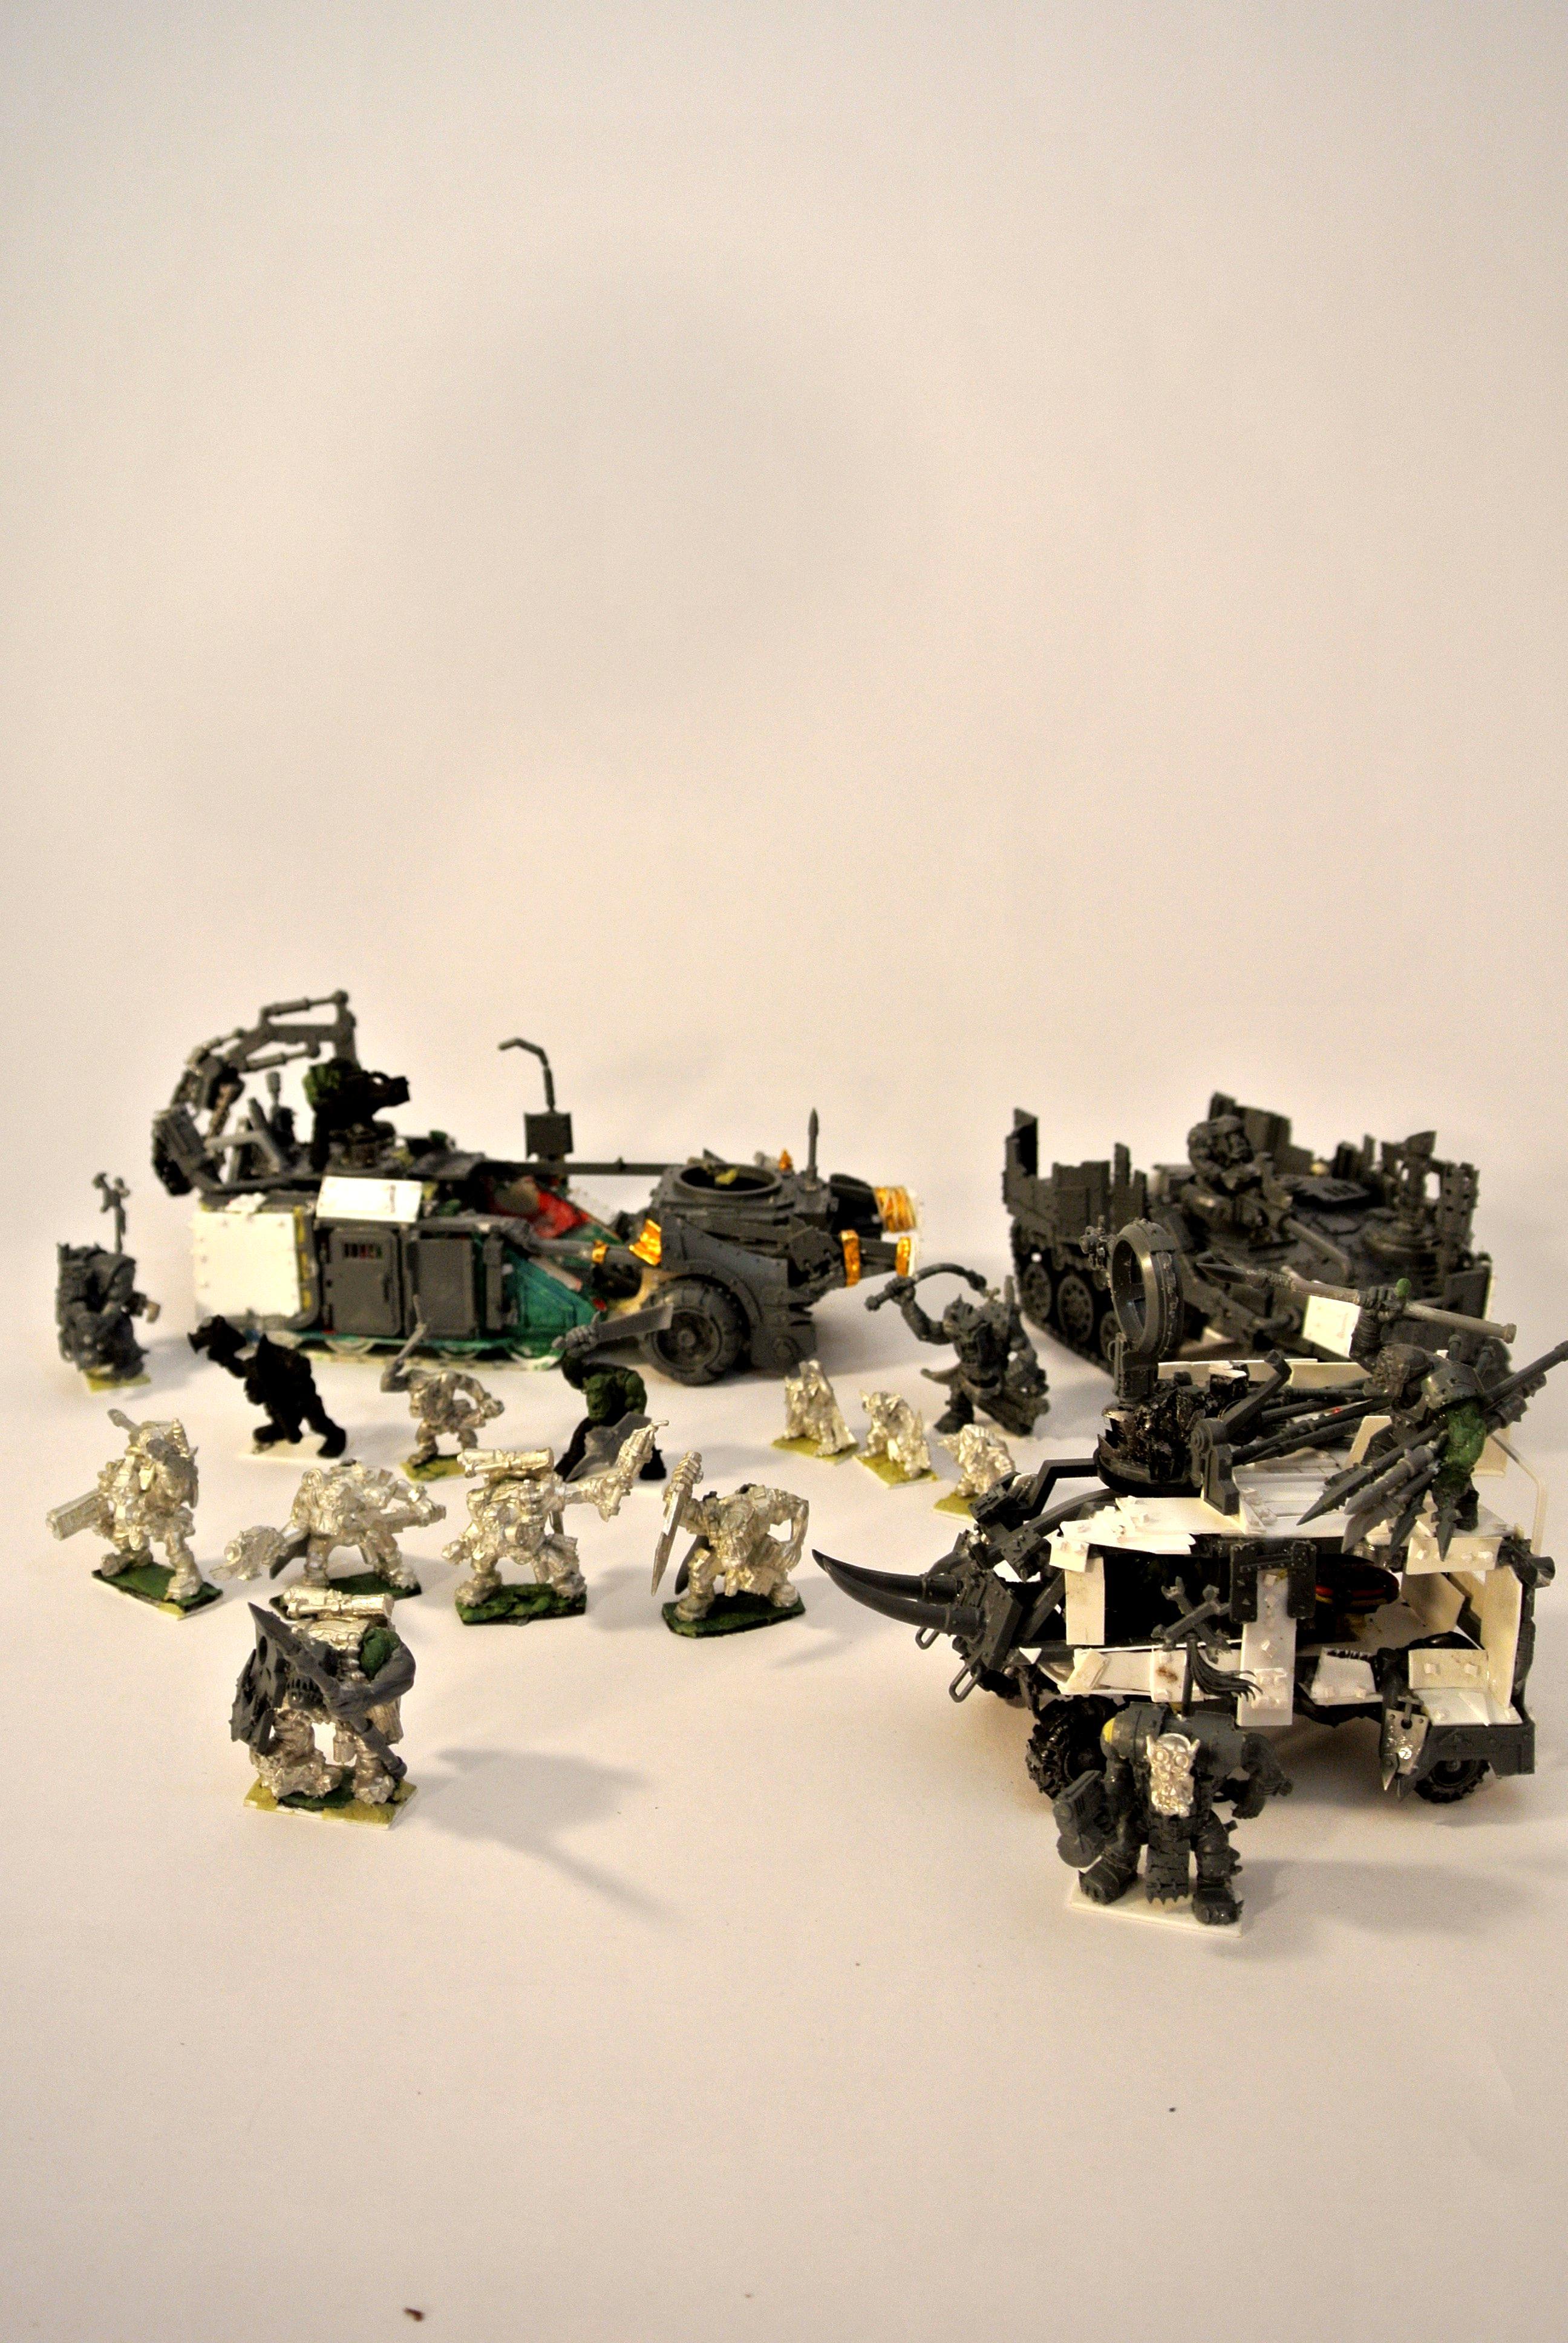 Conversion, Gorka Morka, Kill Team, Kommandos, Orks